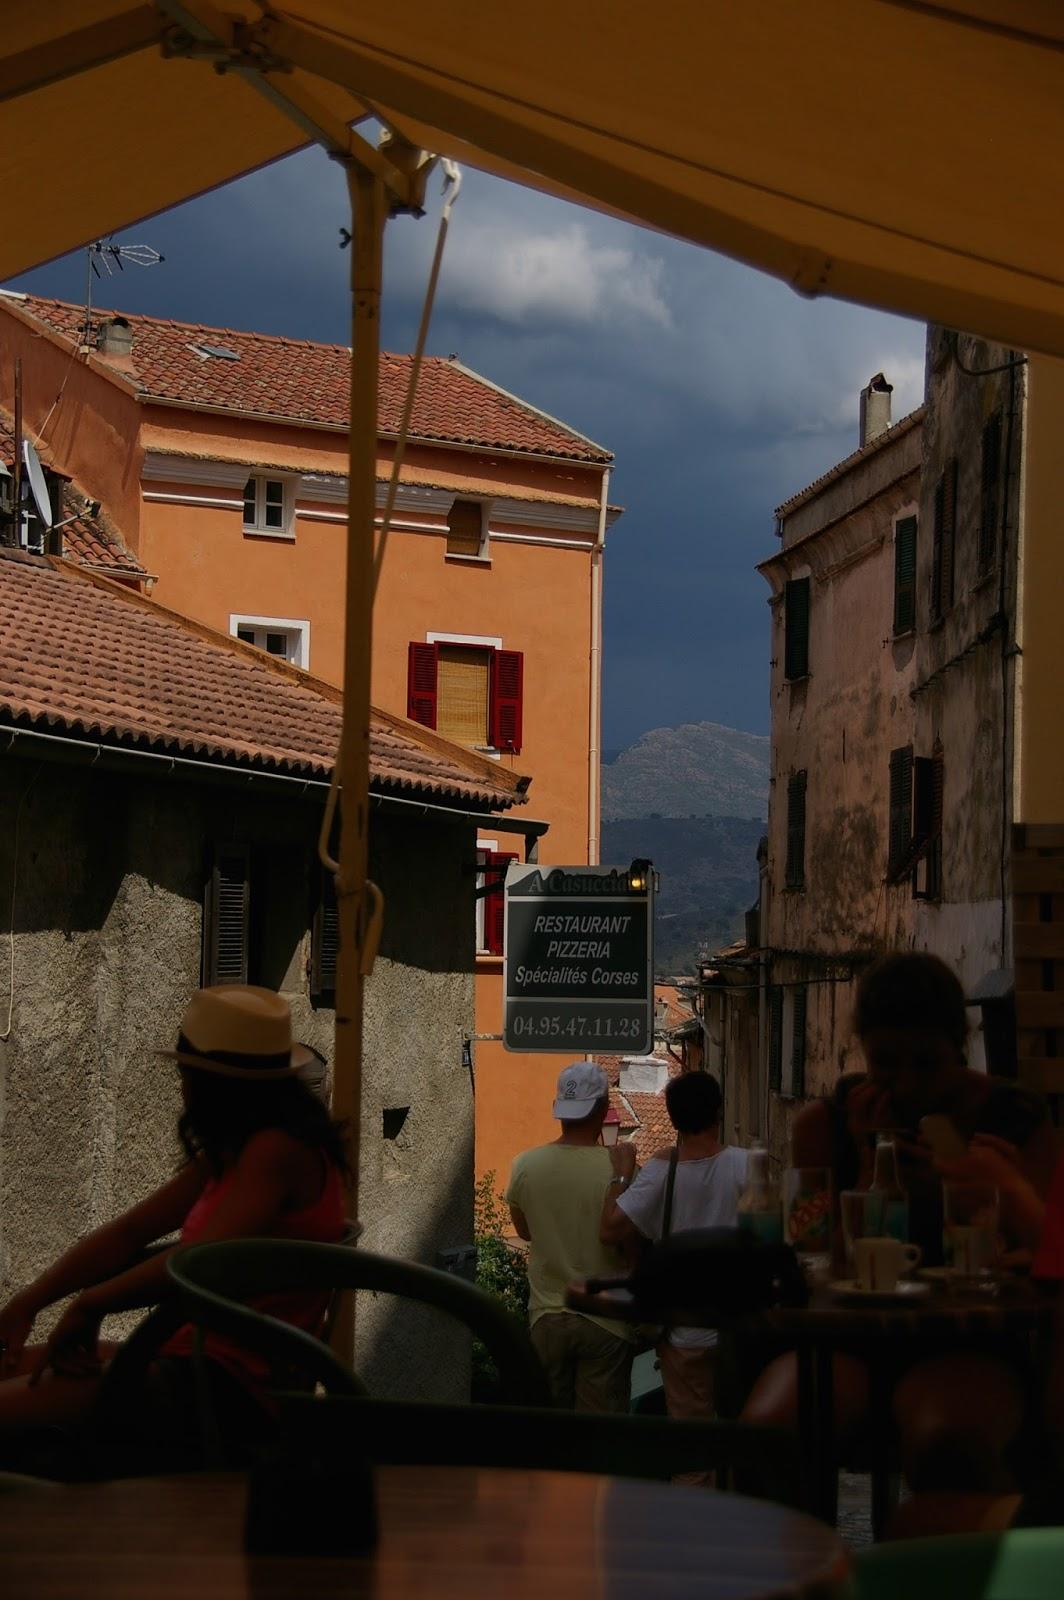 Korsyka Corte